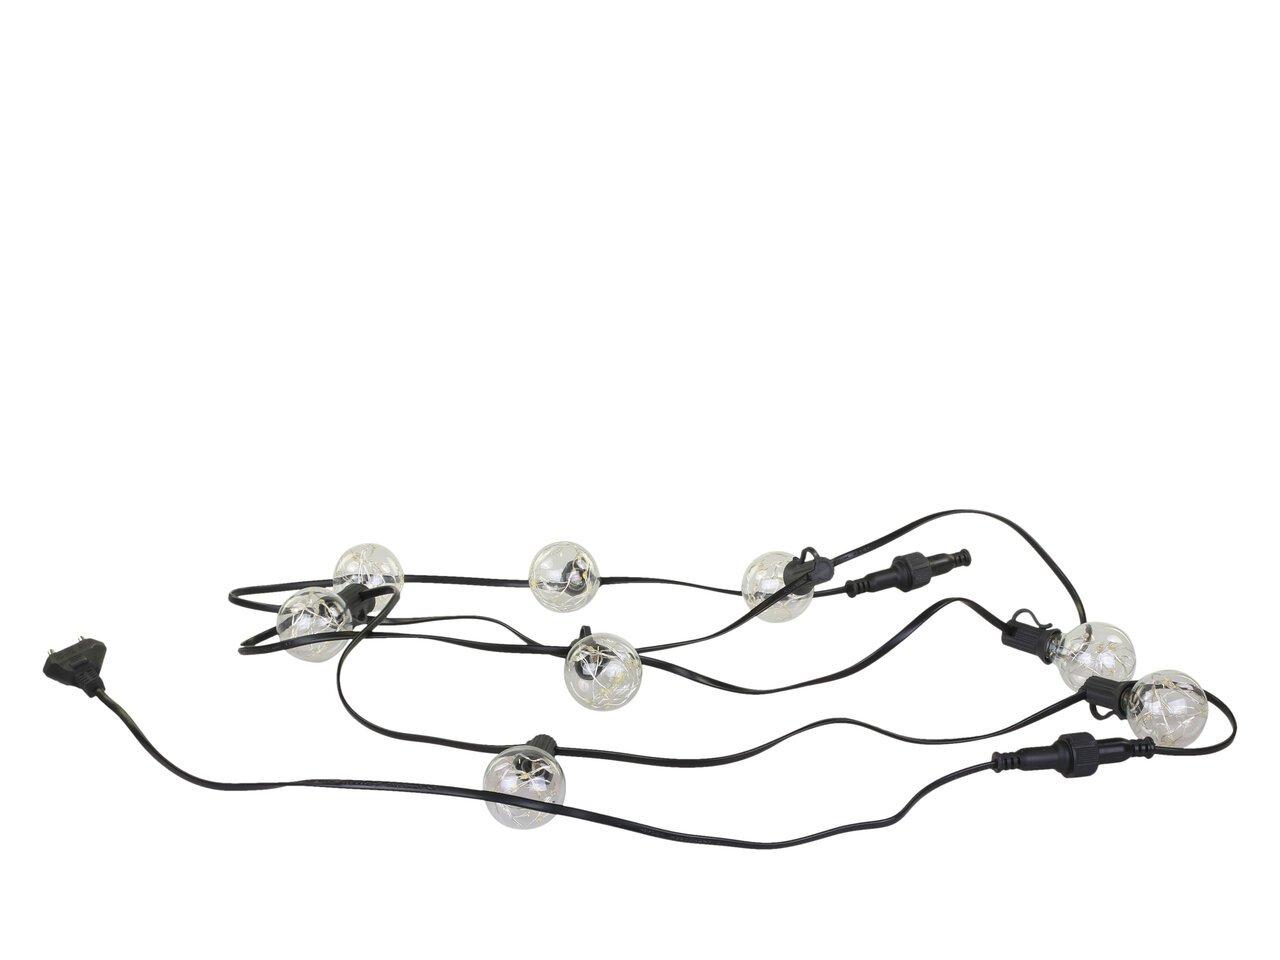 Chic Antique Lichterkette mit LED Glühbirnen